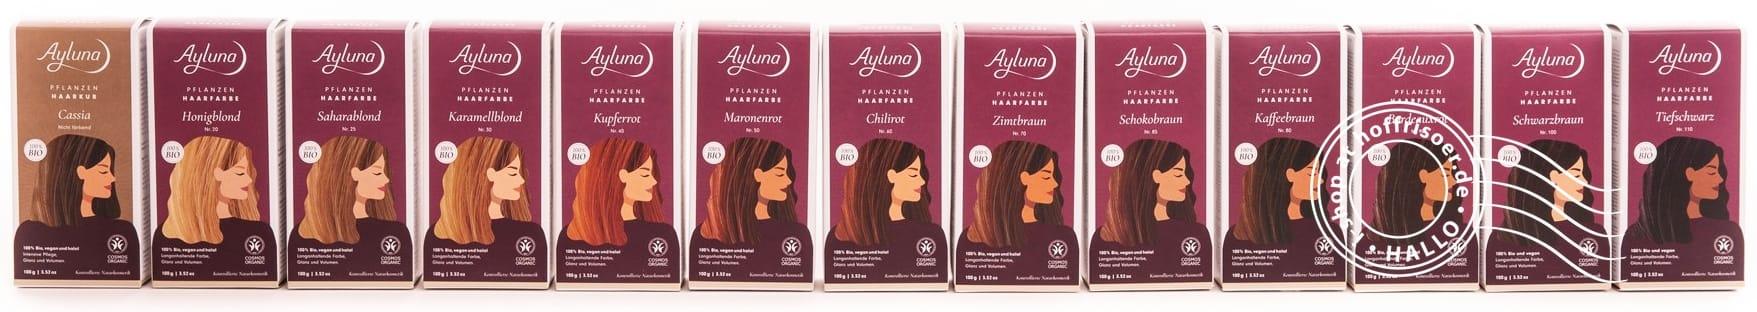 © 2020 HOF FRISÖR mit Ayluna Naturkosmetik: Bio-Pflanzen-Haarfarben für die Selbstbehandlung in 100 g-Packung (Foto: Ayluna Naturkosmetik GmbH)